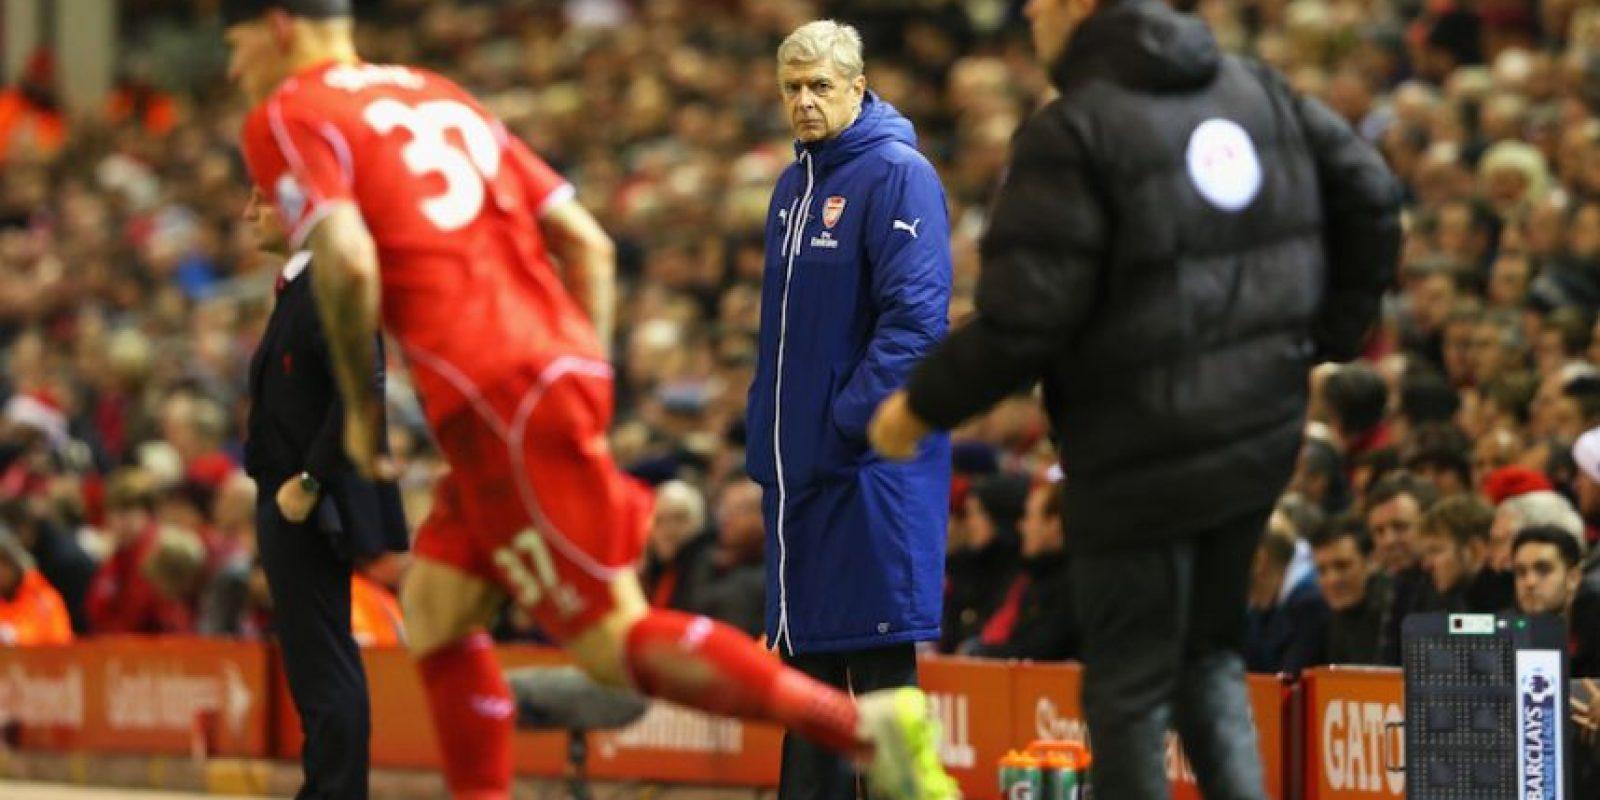 Martin regresó al campo de juego después del incidente. Foto:Getty Images